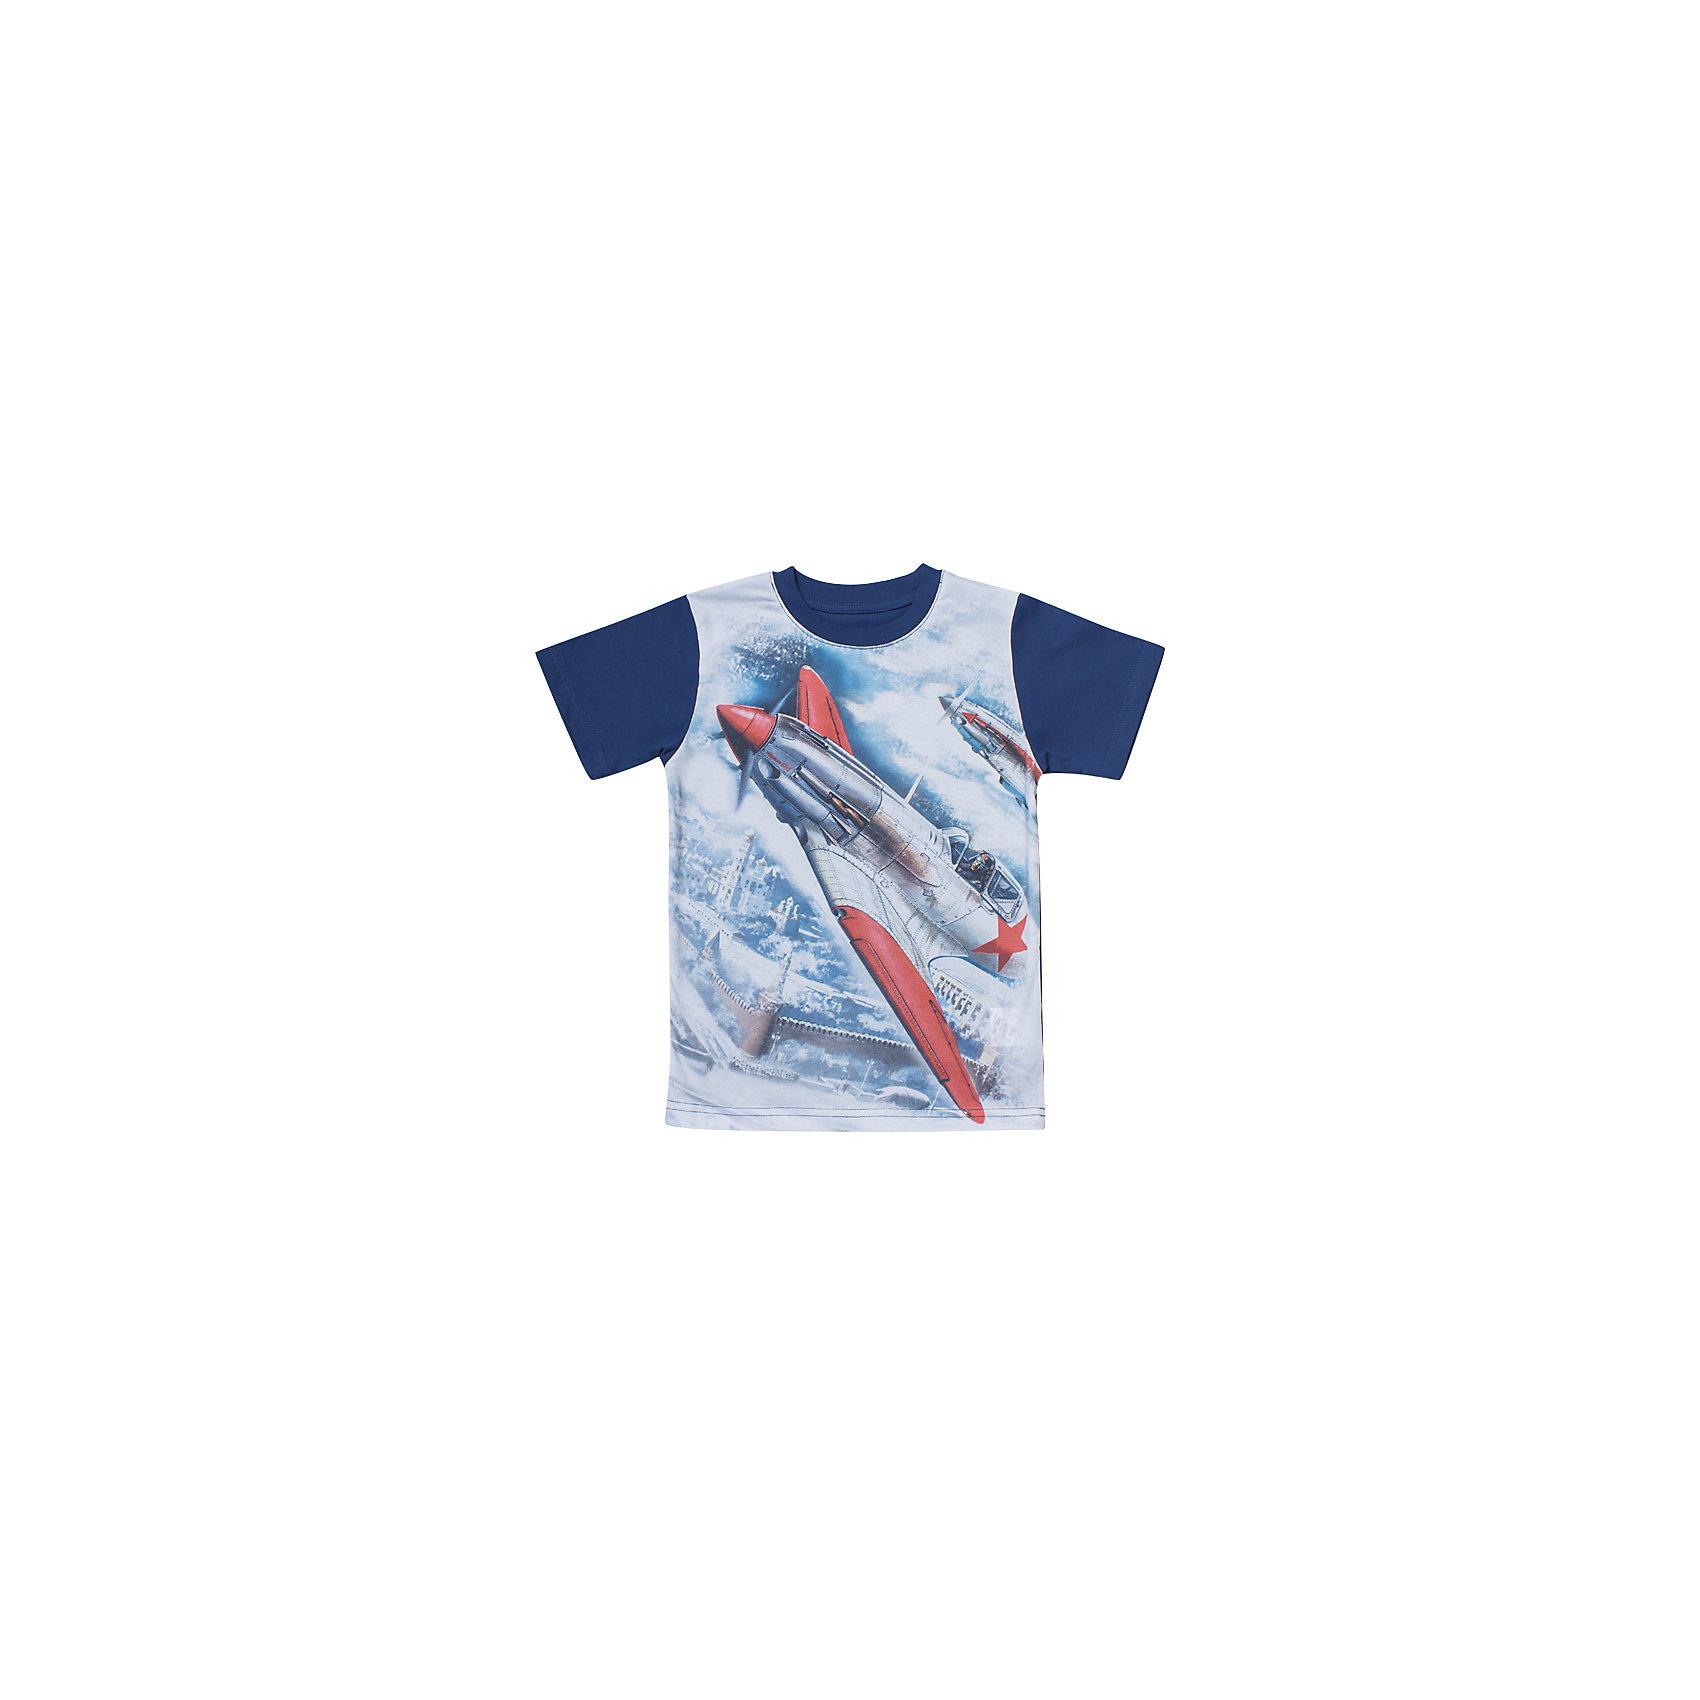 Футболка для мальчика WOWФутболки, поло и топы<br>Футболка для мальчика WOW<br>Незаменимой вещью в  гардеробе послужит футболка с коротким рукавом. Стильная и в тоже время комфортная модель, с яркой оригинальной печатью, будет превосходно смотреться на ребенке.<br>Состав:<br>кулирная гладь 100% хлопок<br><br>Ширина мм: 199<br>Глубина мм: 10<br>Высота мм: 161<br>Вес г: 151<br>Цвет: синий/белый<br>Возраст от месяцев: 156<br>Возраст до месяцев: 168<br>Пол: Мужской<br>Возраст: Детский<br>Размер: 164,128,134,140,146,152,158<br>SKU: 6871646